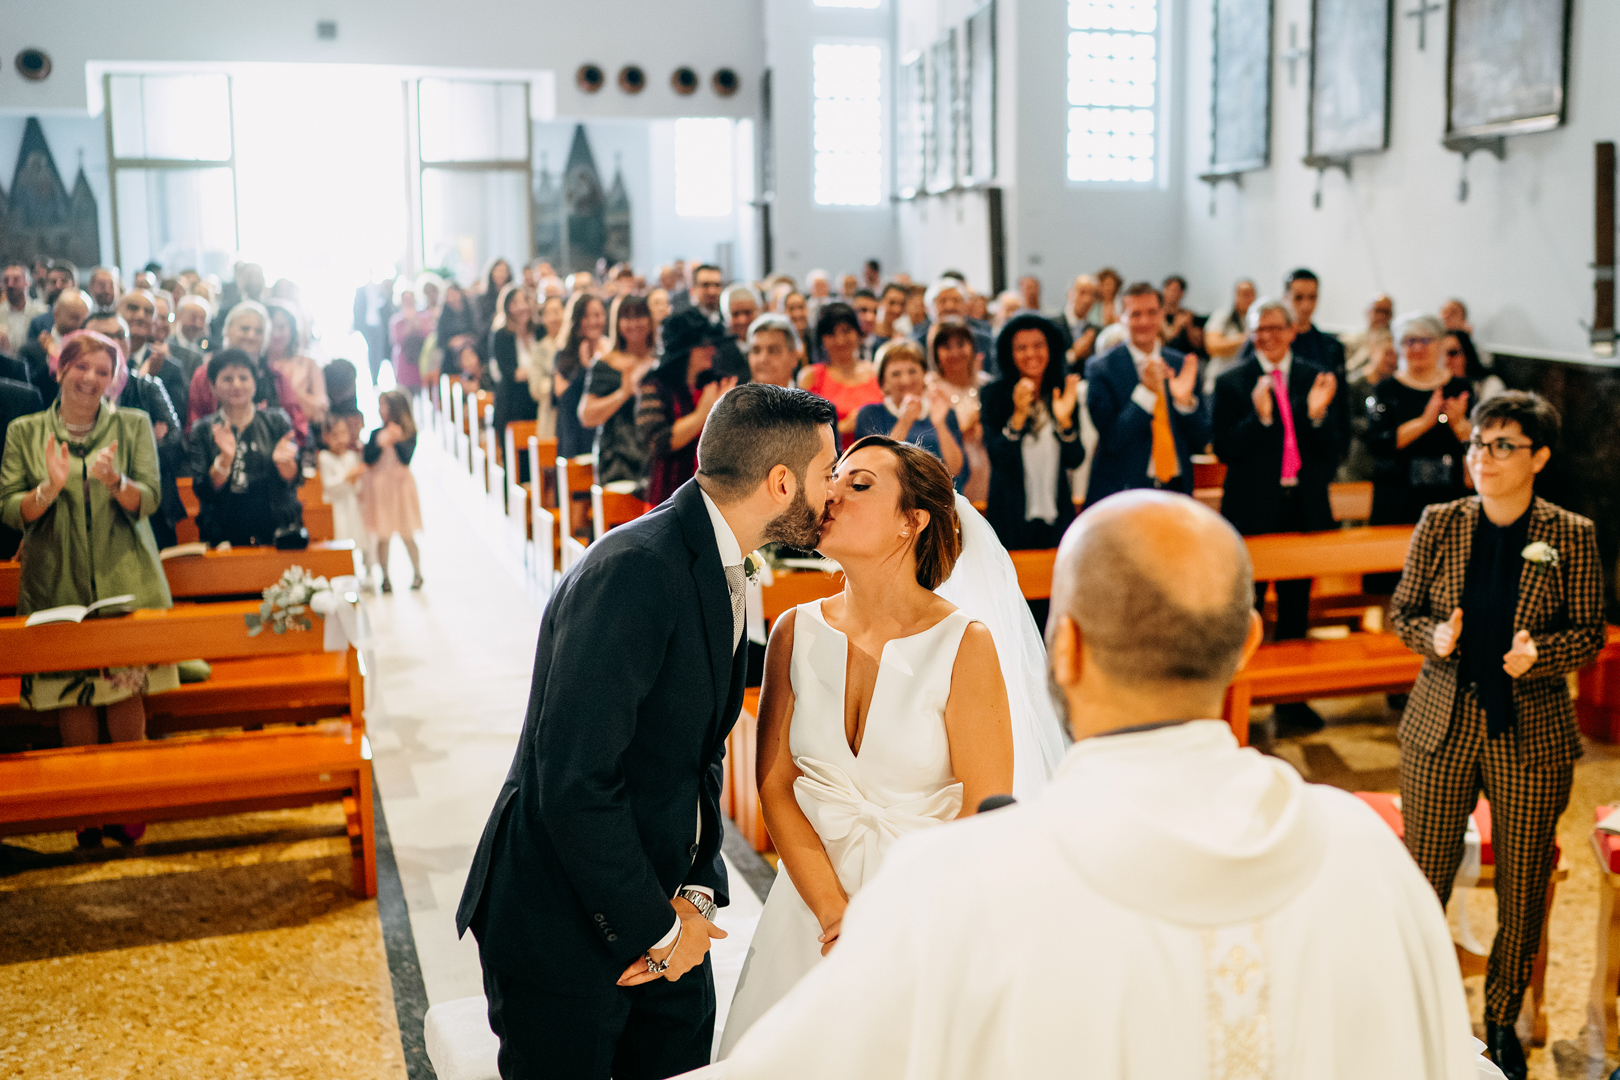 33 gianni-lepore-matrimonio-religioso-bacio-sposi